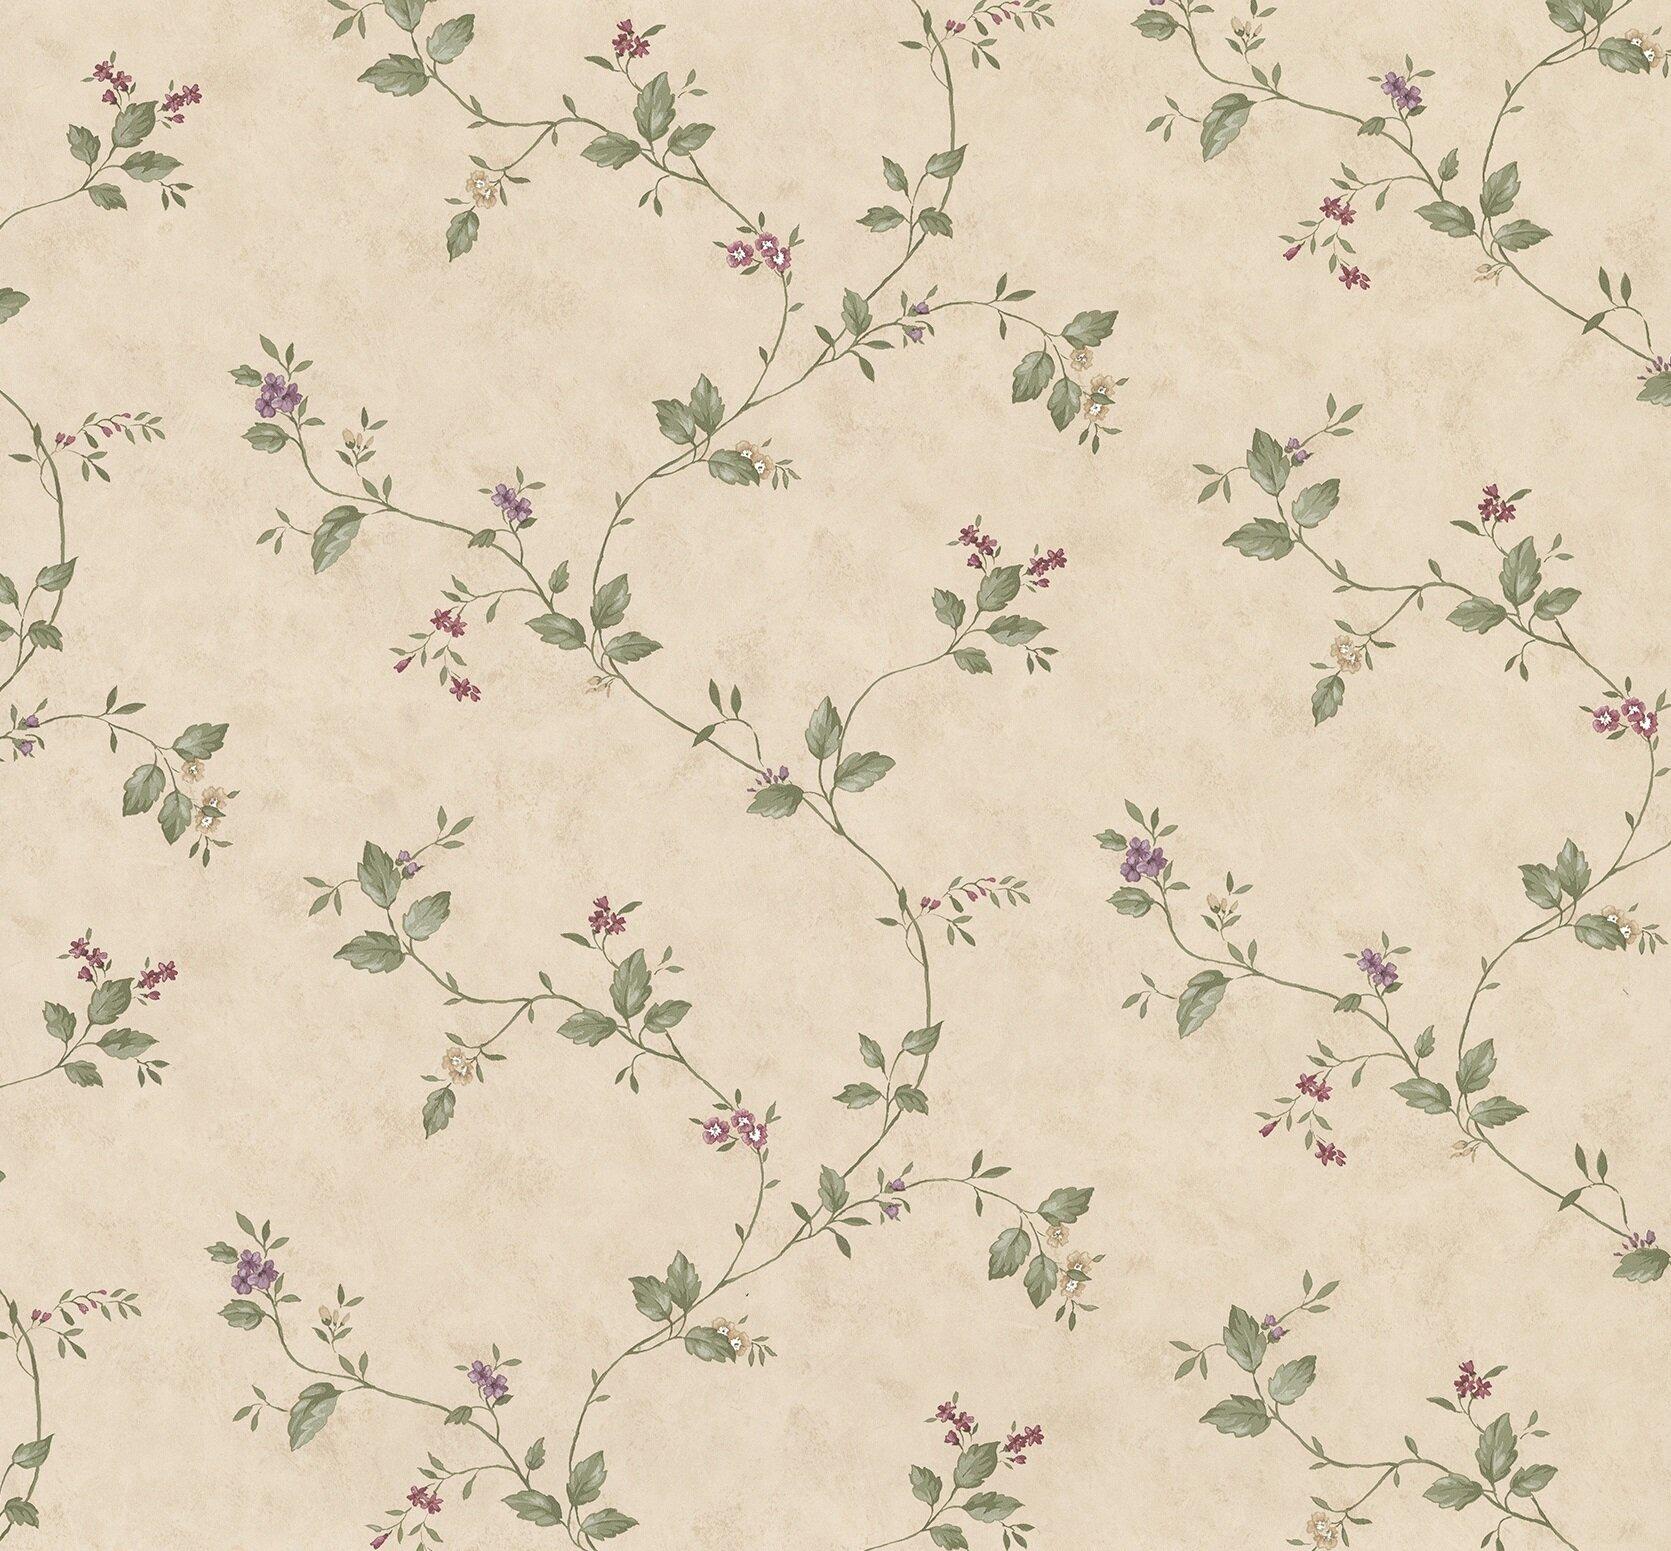 August Grove Ree Mini Floral Trail 33 L X 20 5 W Wallpaper Roll